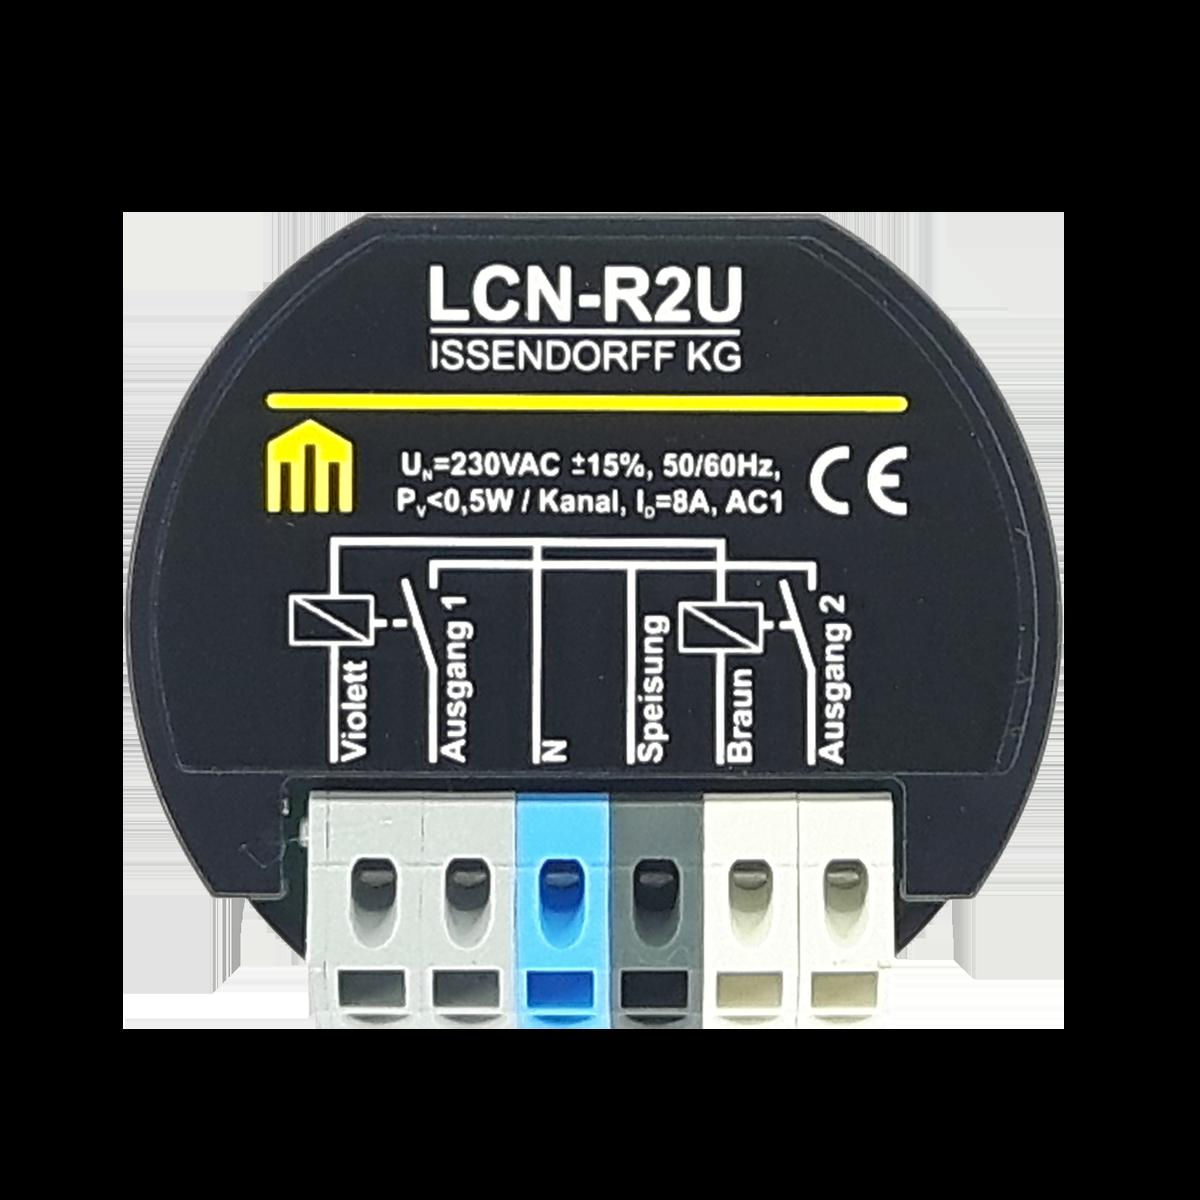 LCN-R2U